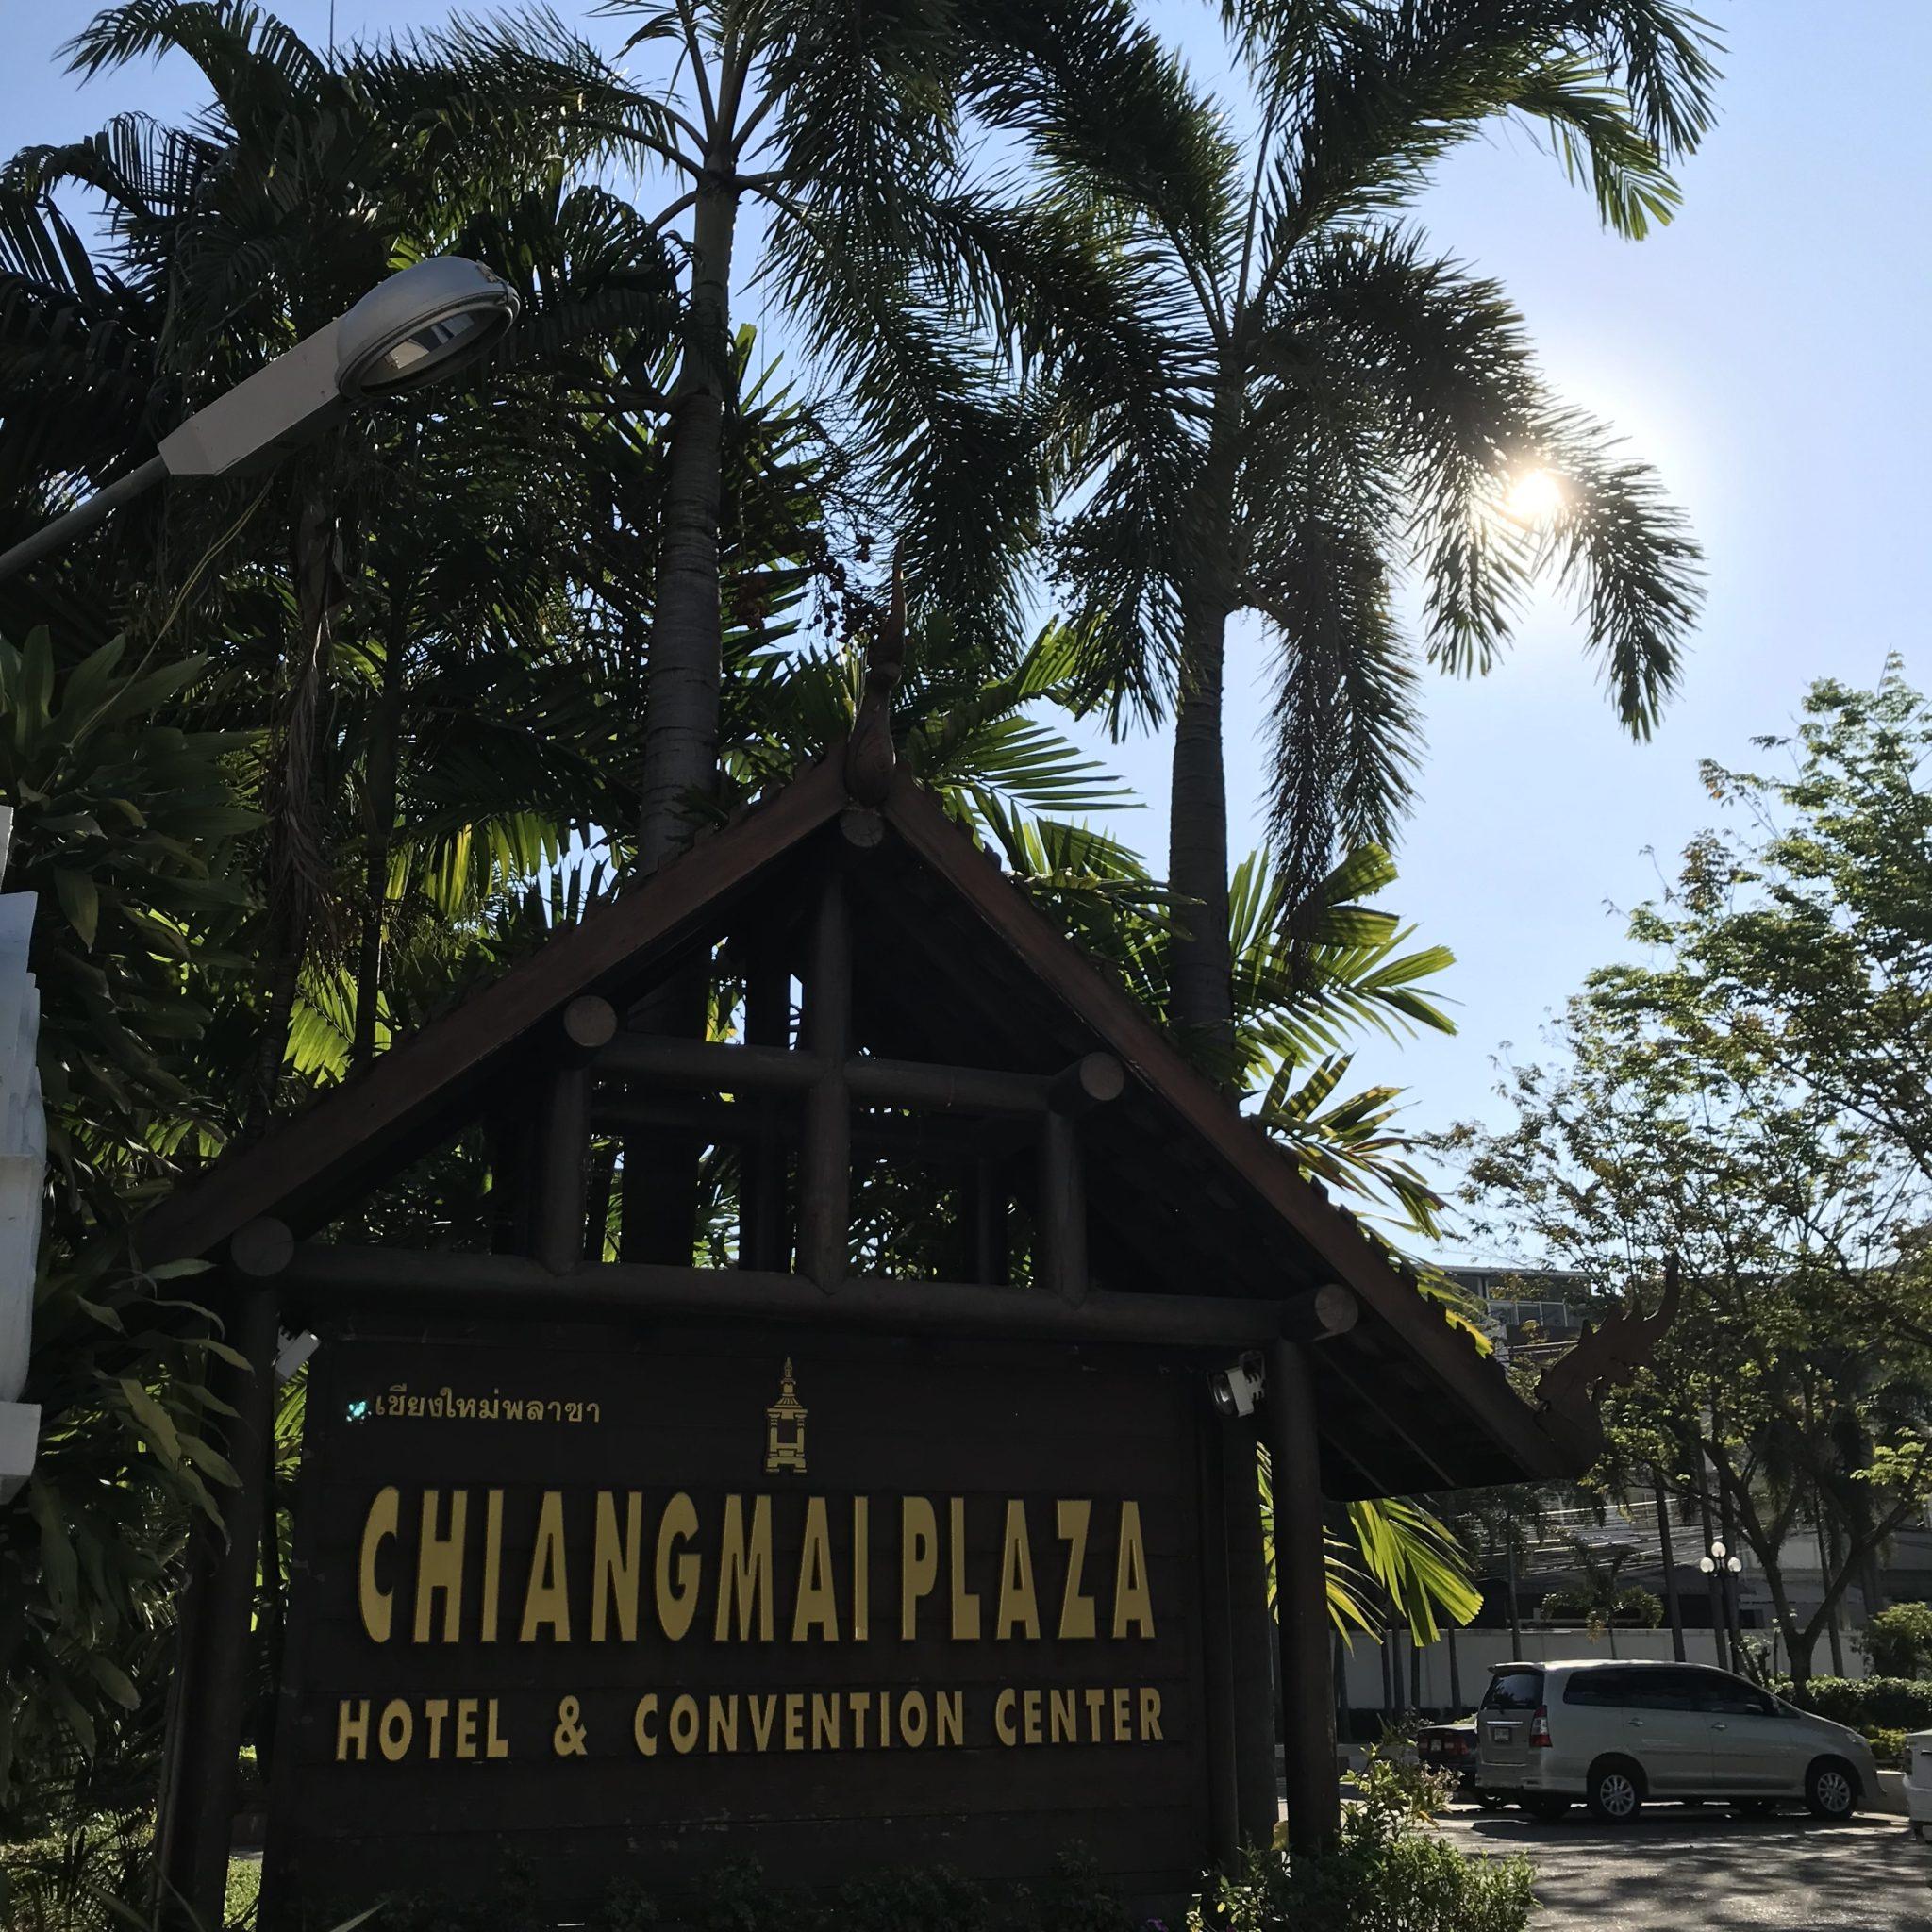 チェンマイプラザホテル